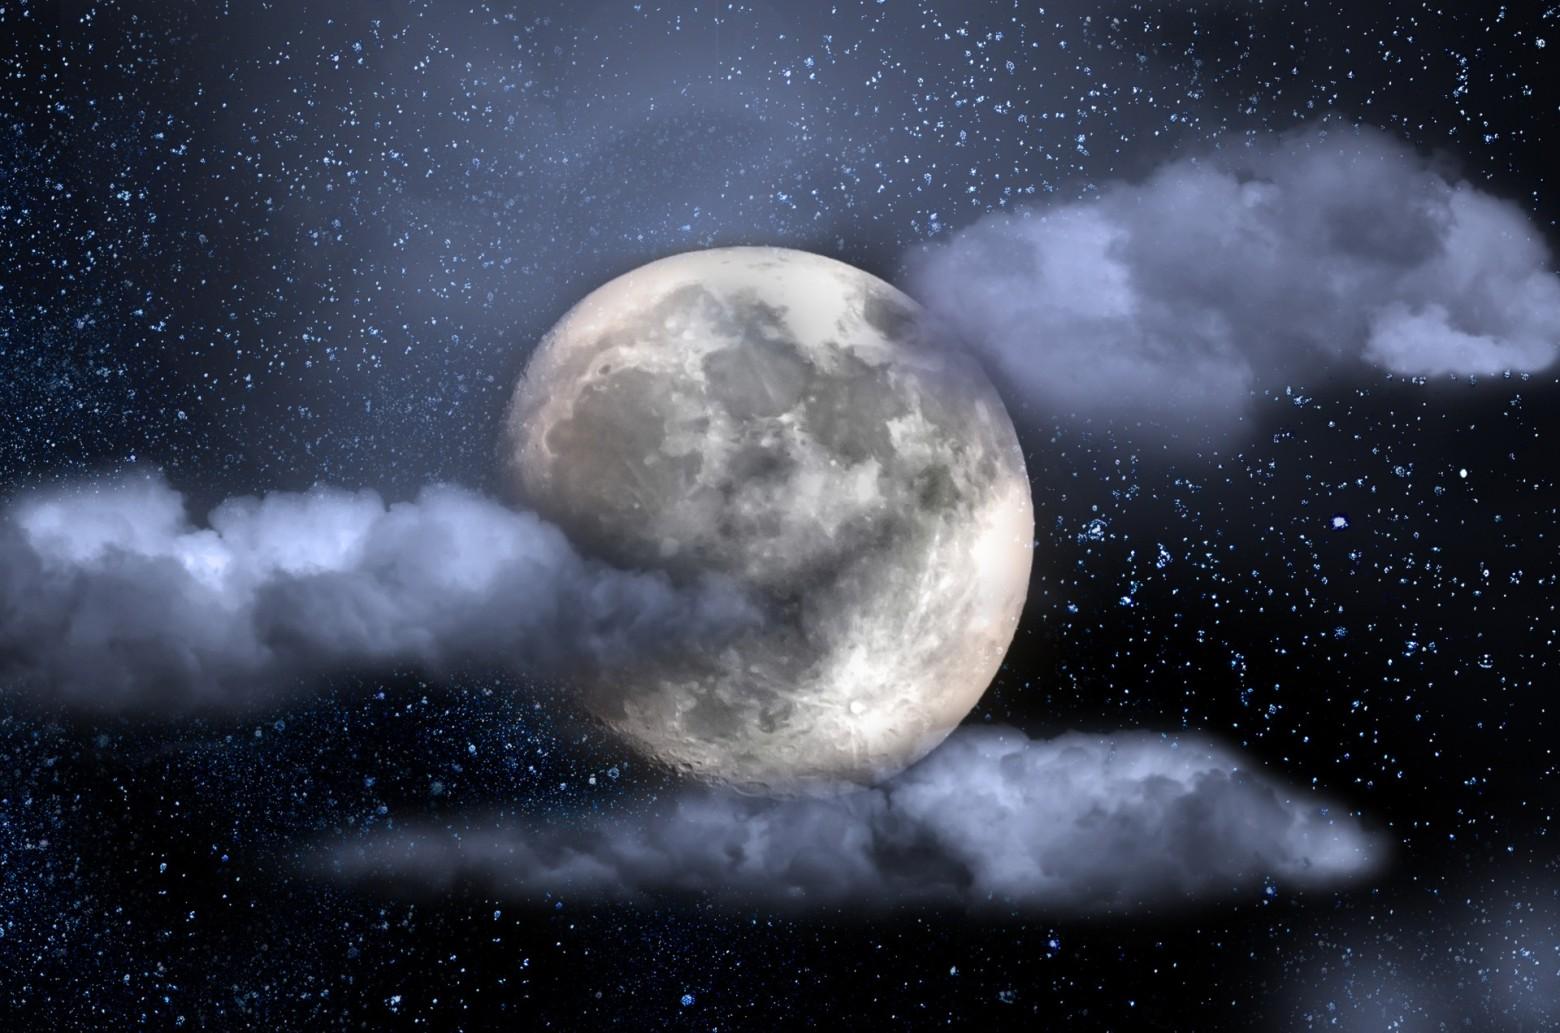 ciel nuit toil e lune images gratuites et libres de droits. Black Bedroom Furniture Sets. Home Design Ideas